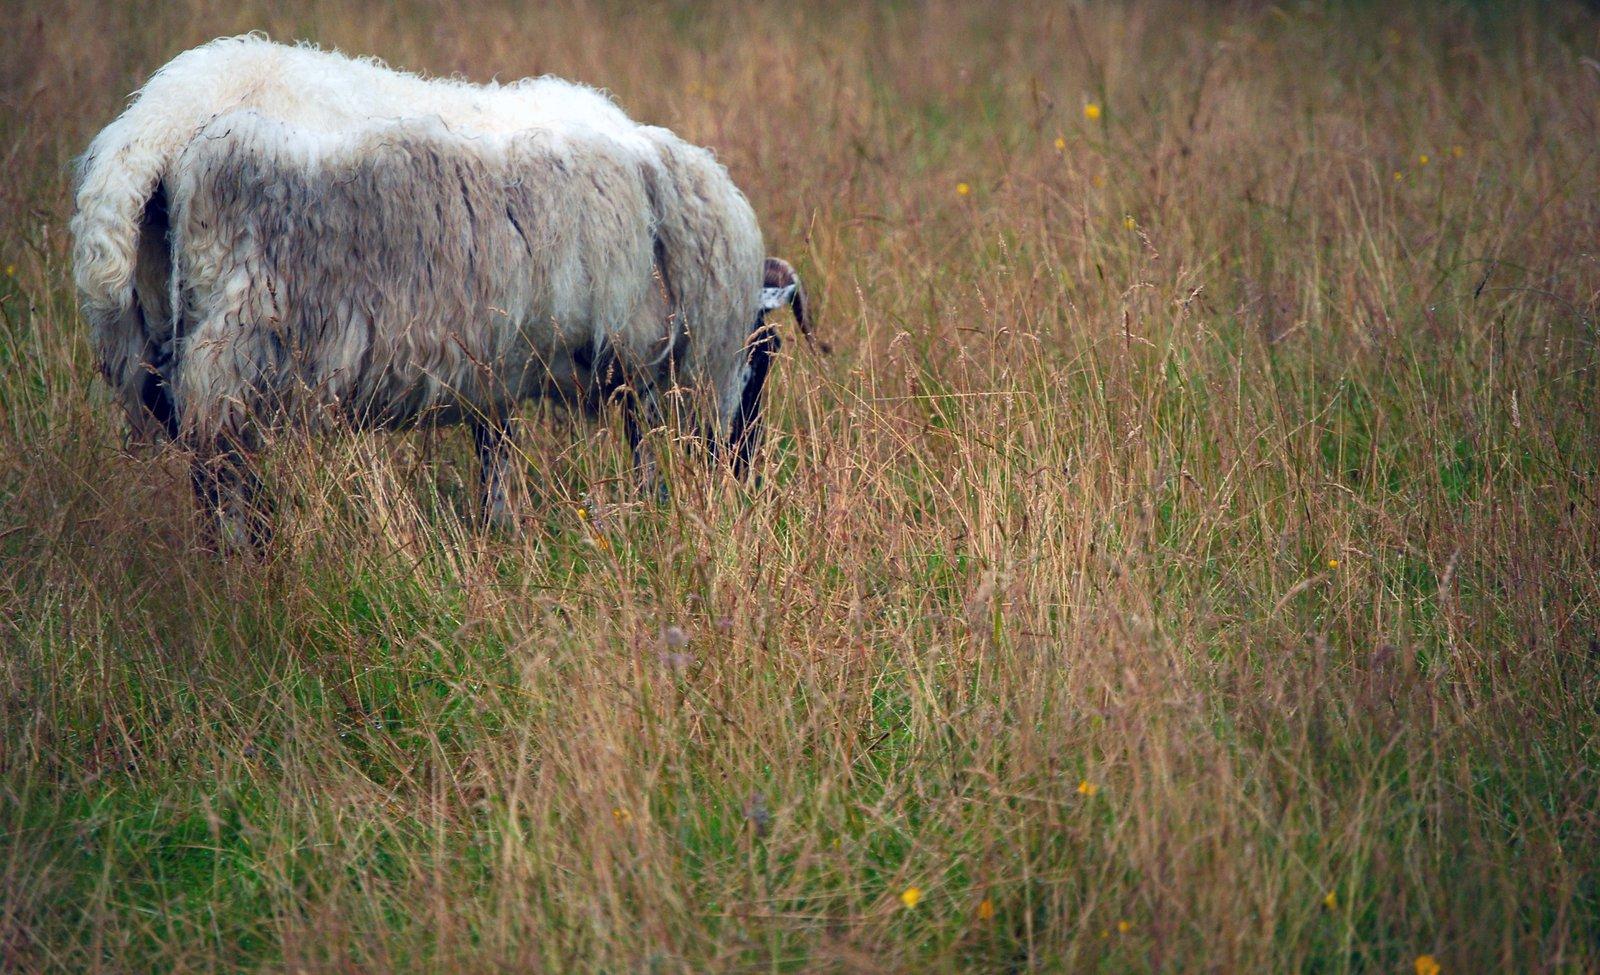 A Sheep...